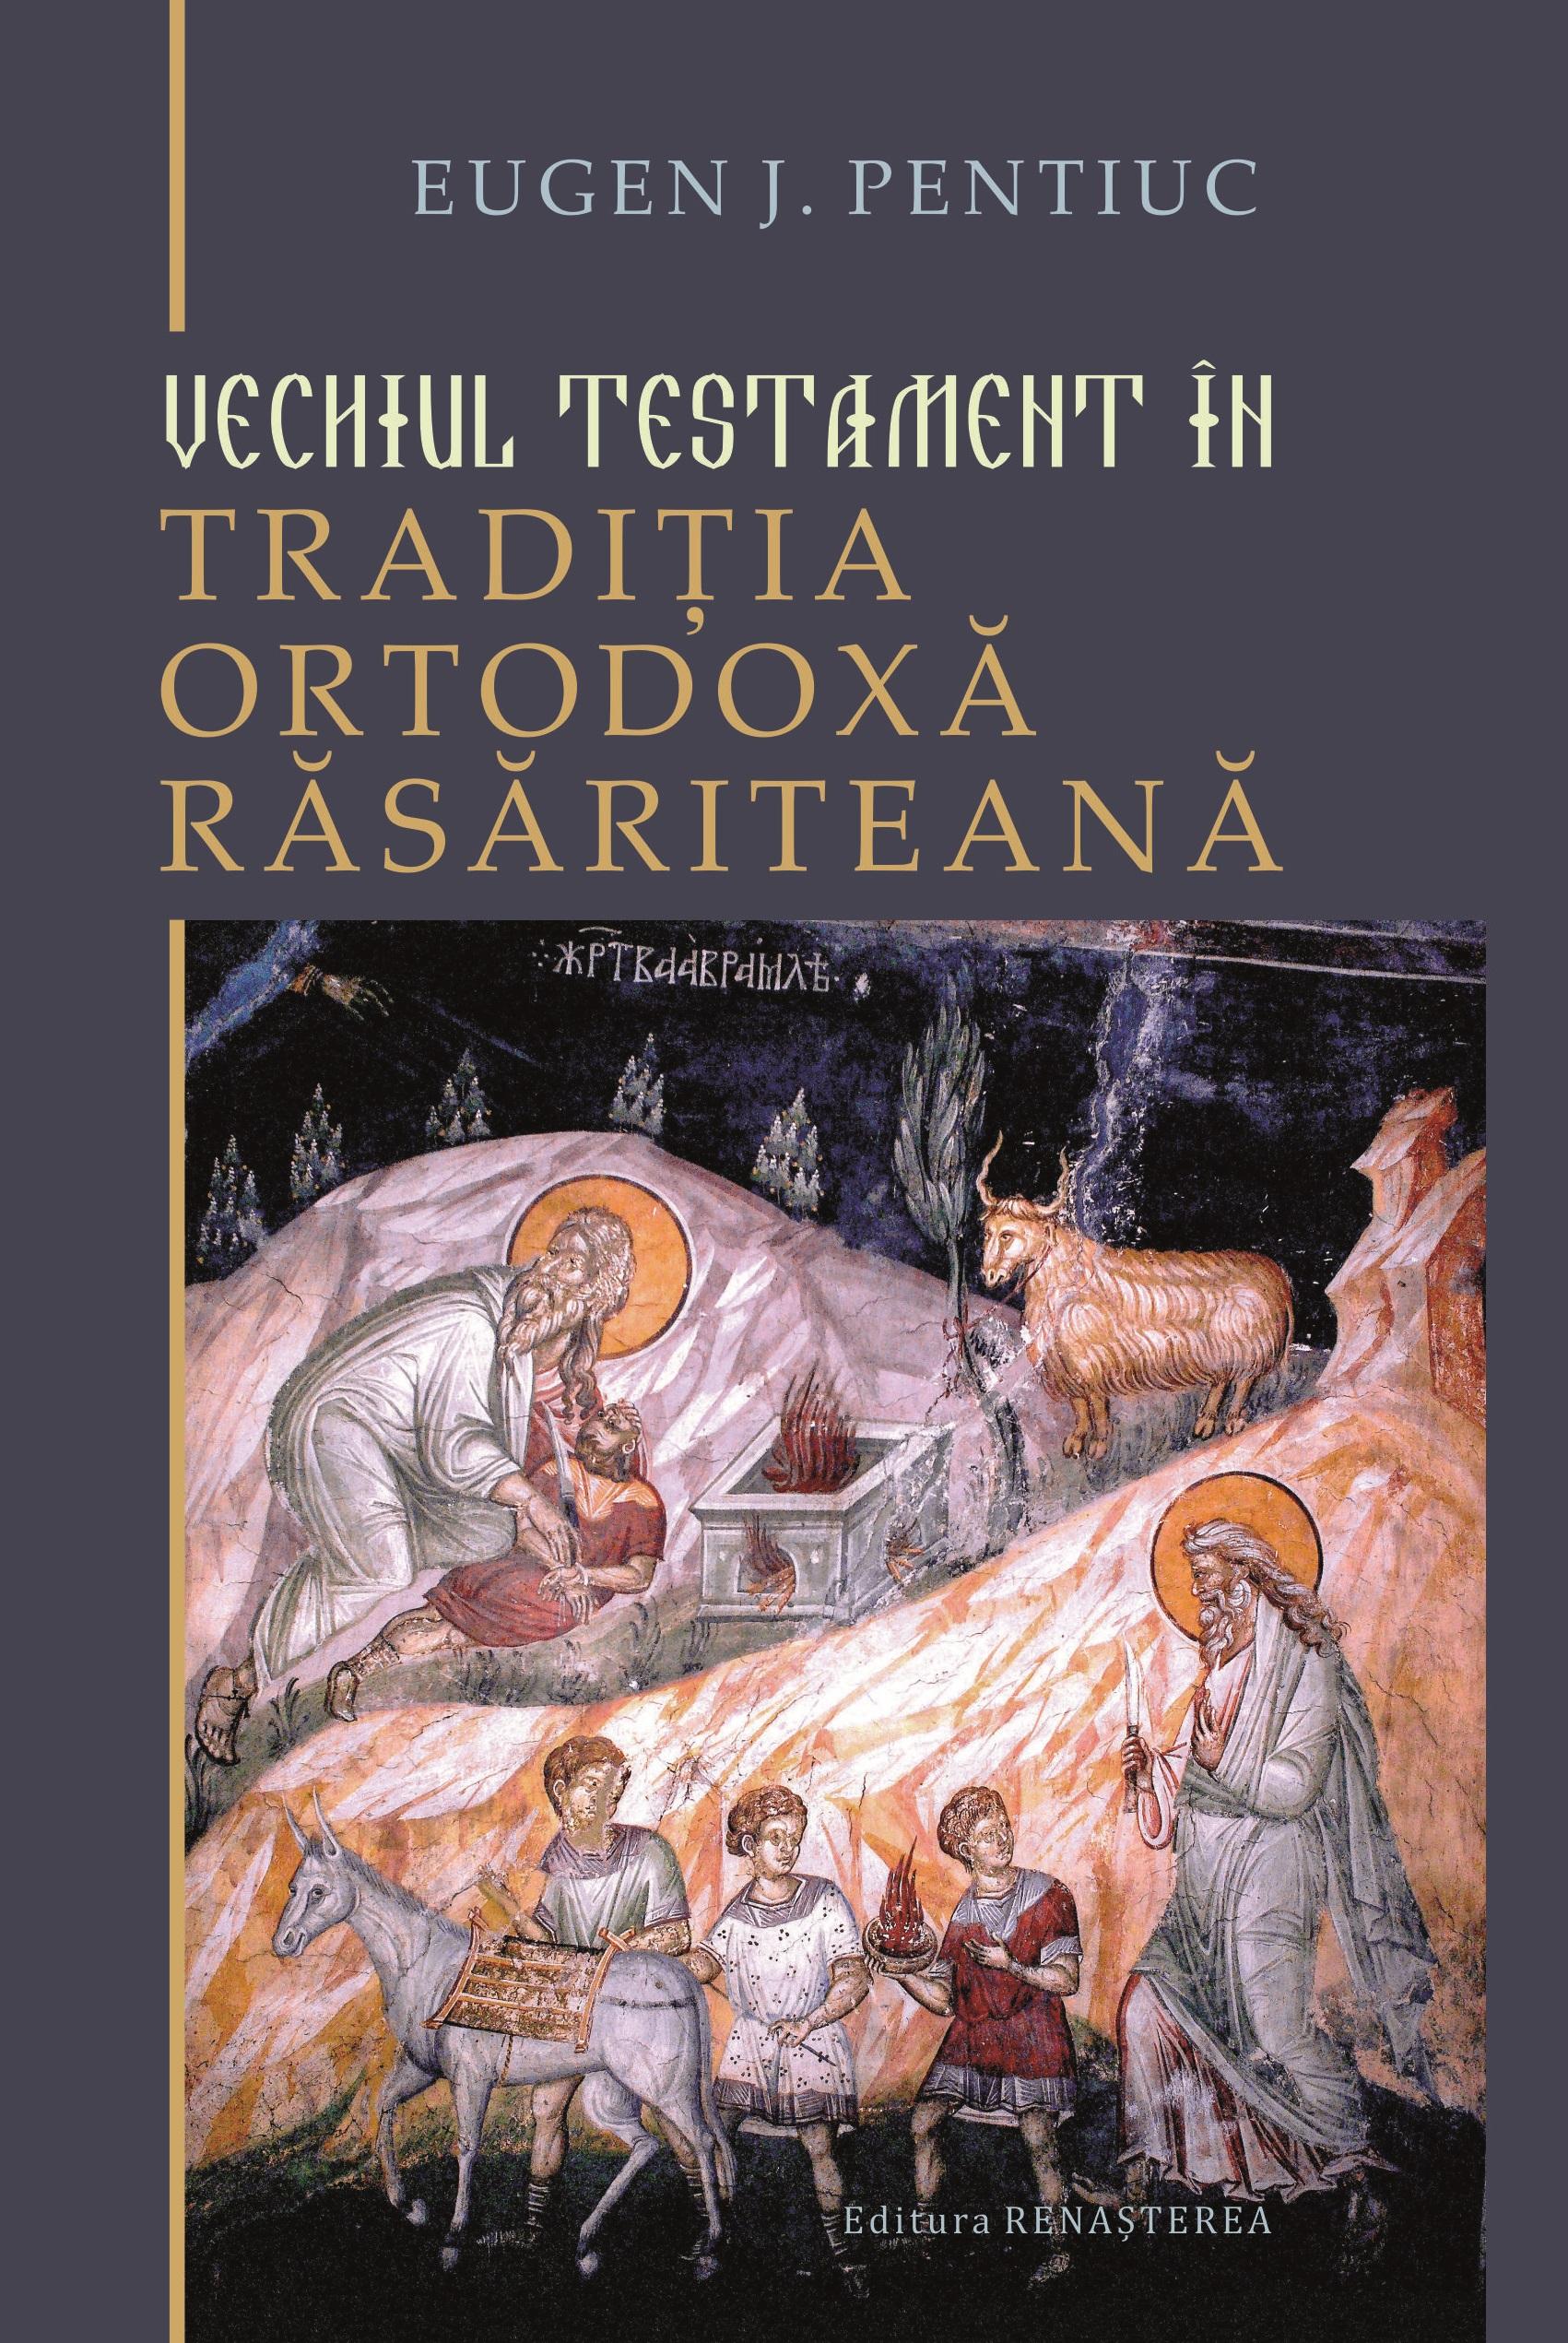 Vechiul Testament în tradiţia ortodoxă răsăriteană